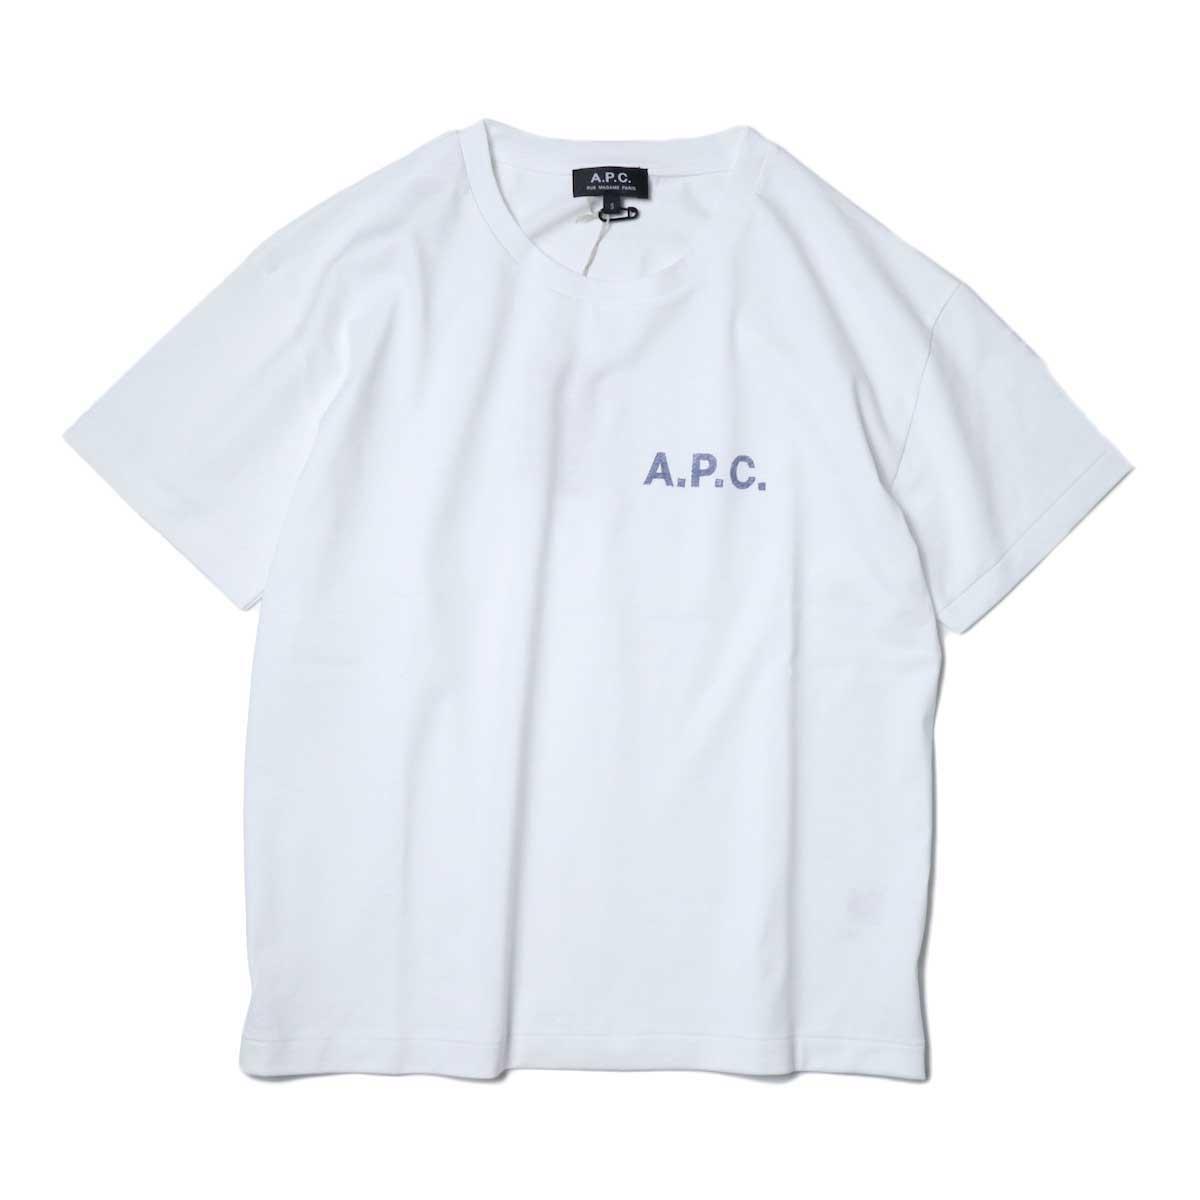 A.P.C. / Judy Tシャツ (White)